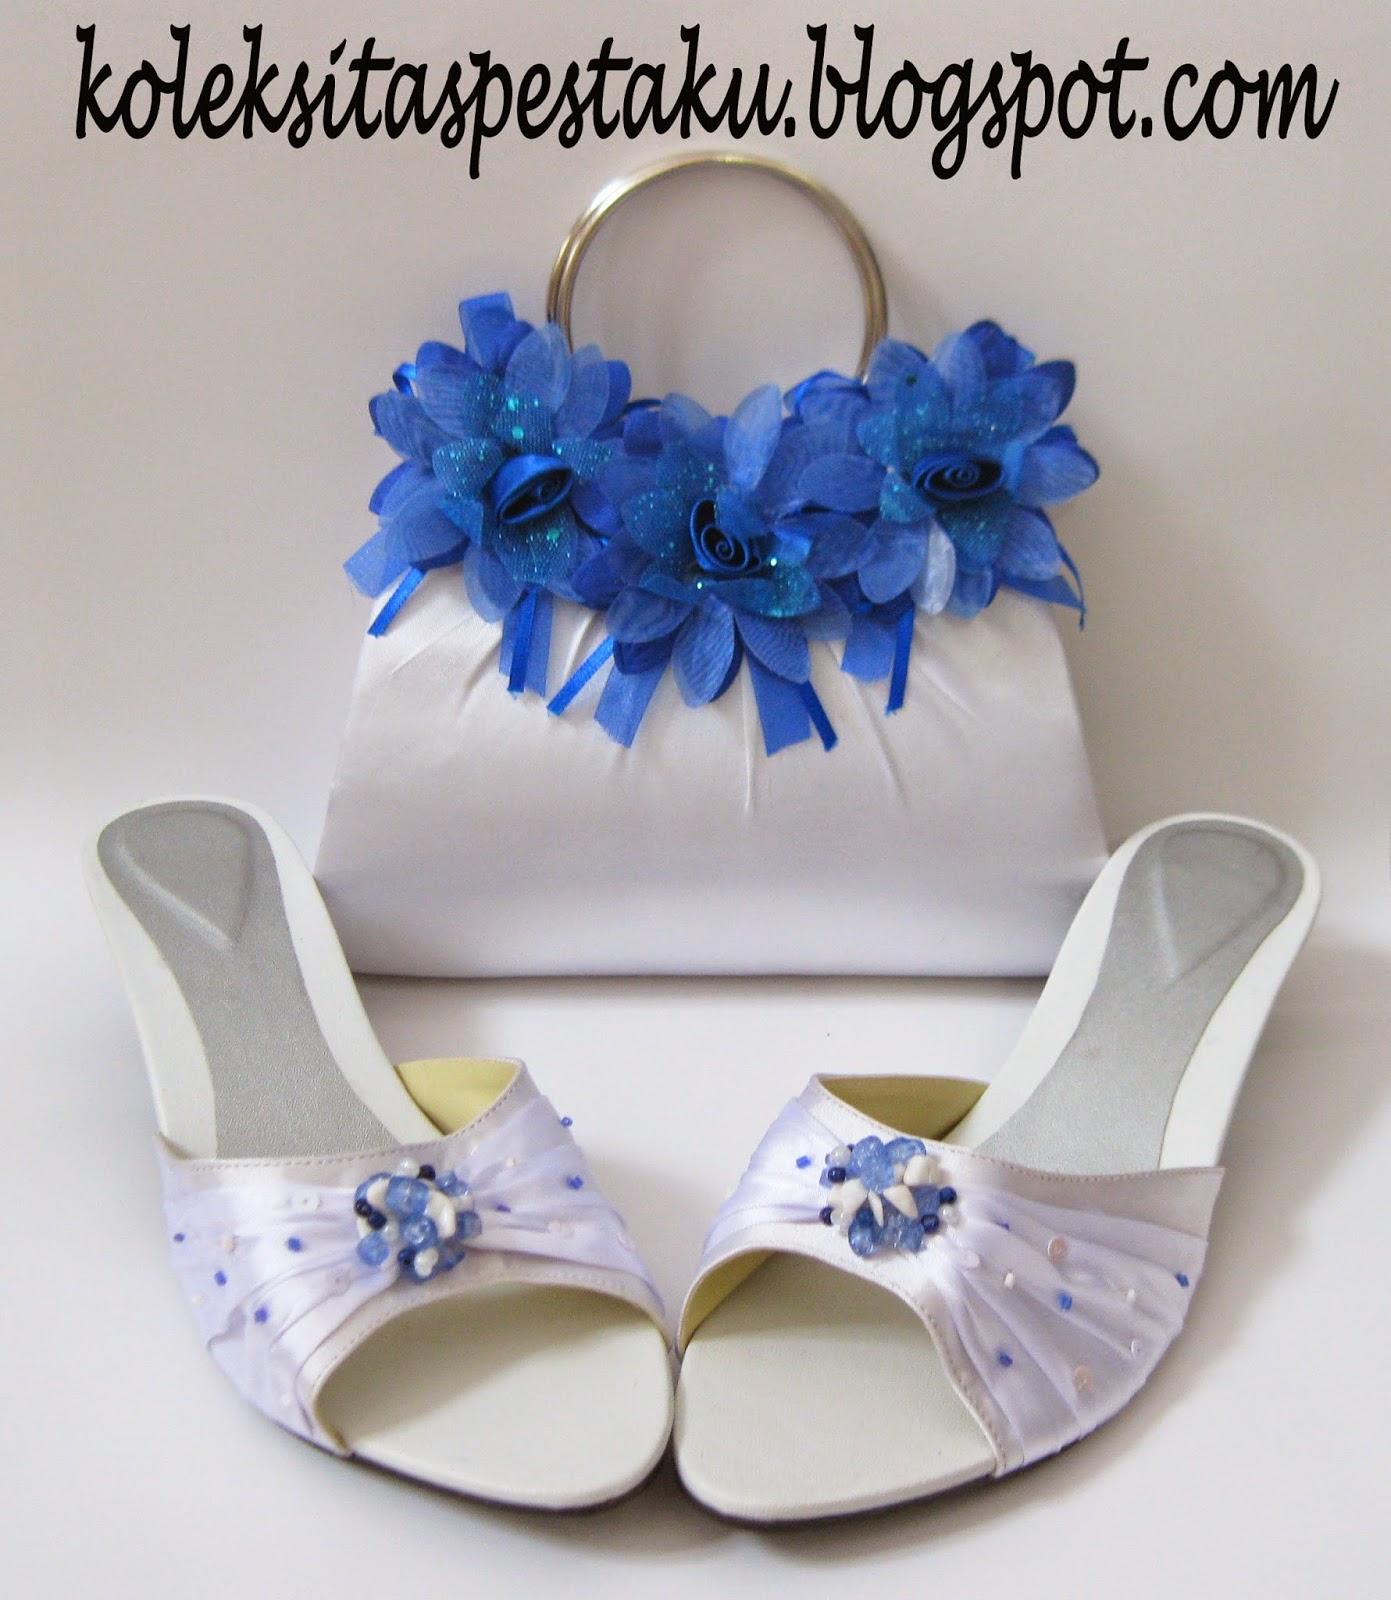 Sepaket tas pesta dan sepatu putih dengan modifikasi biru